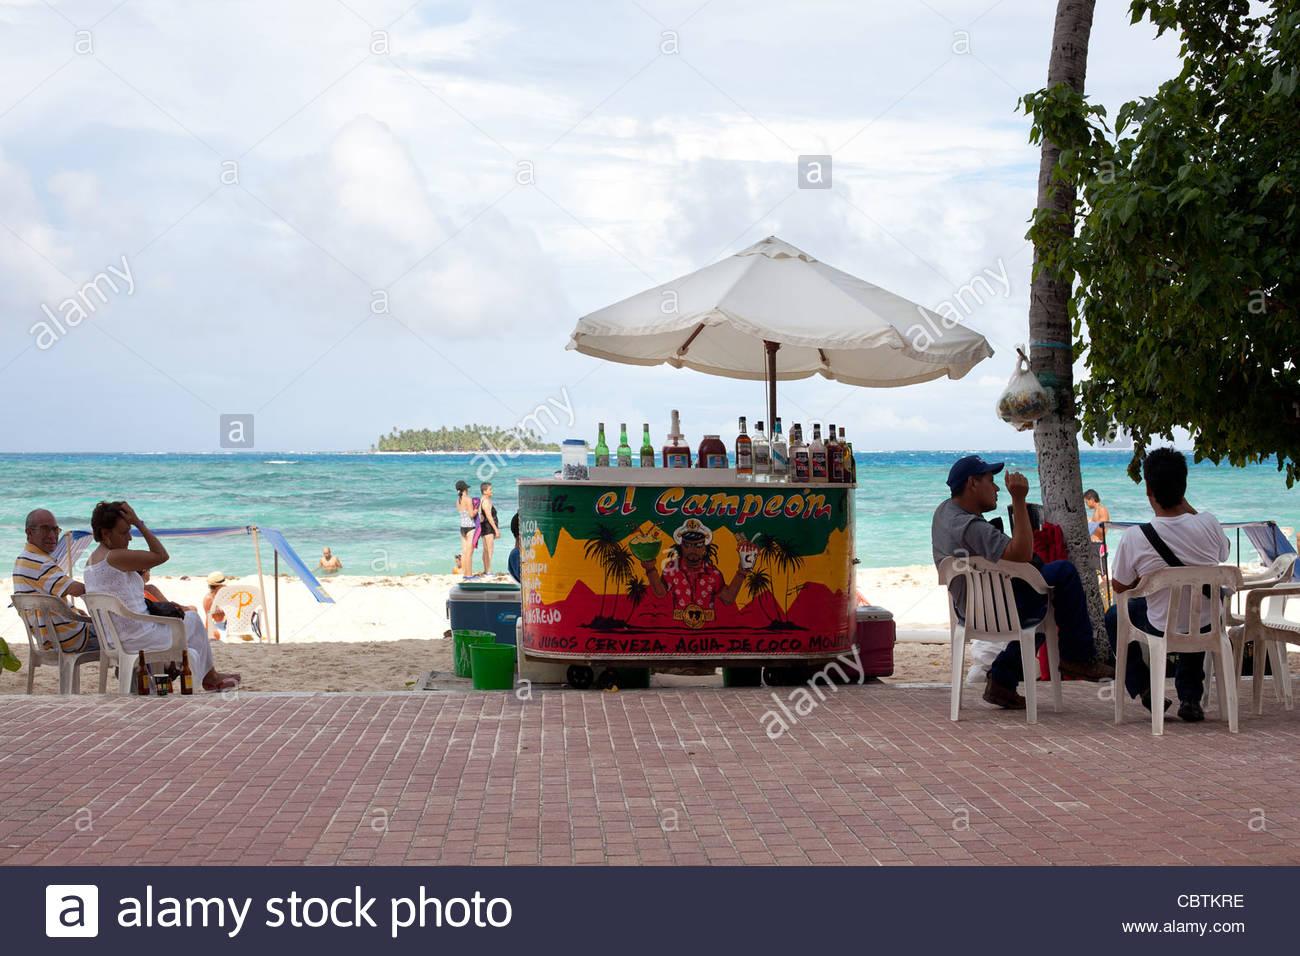 Quiosco de playa venta de bebidas, la isla de San Andres, Colombia Imagen De Stock